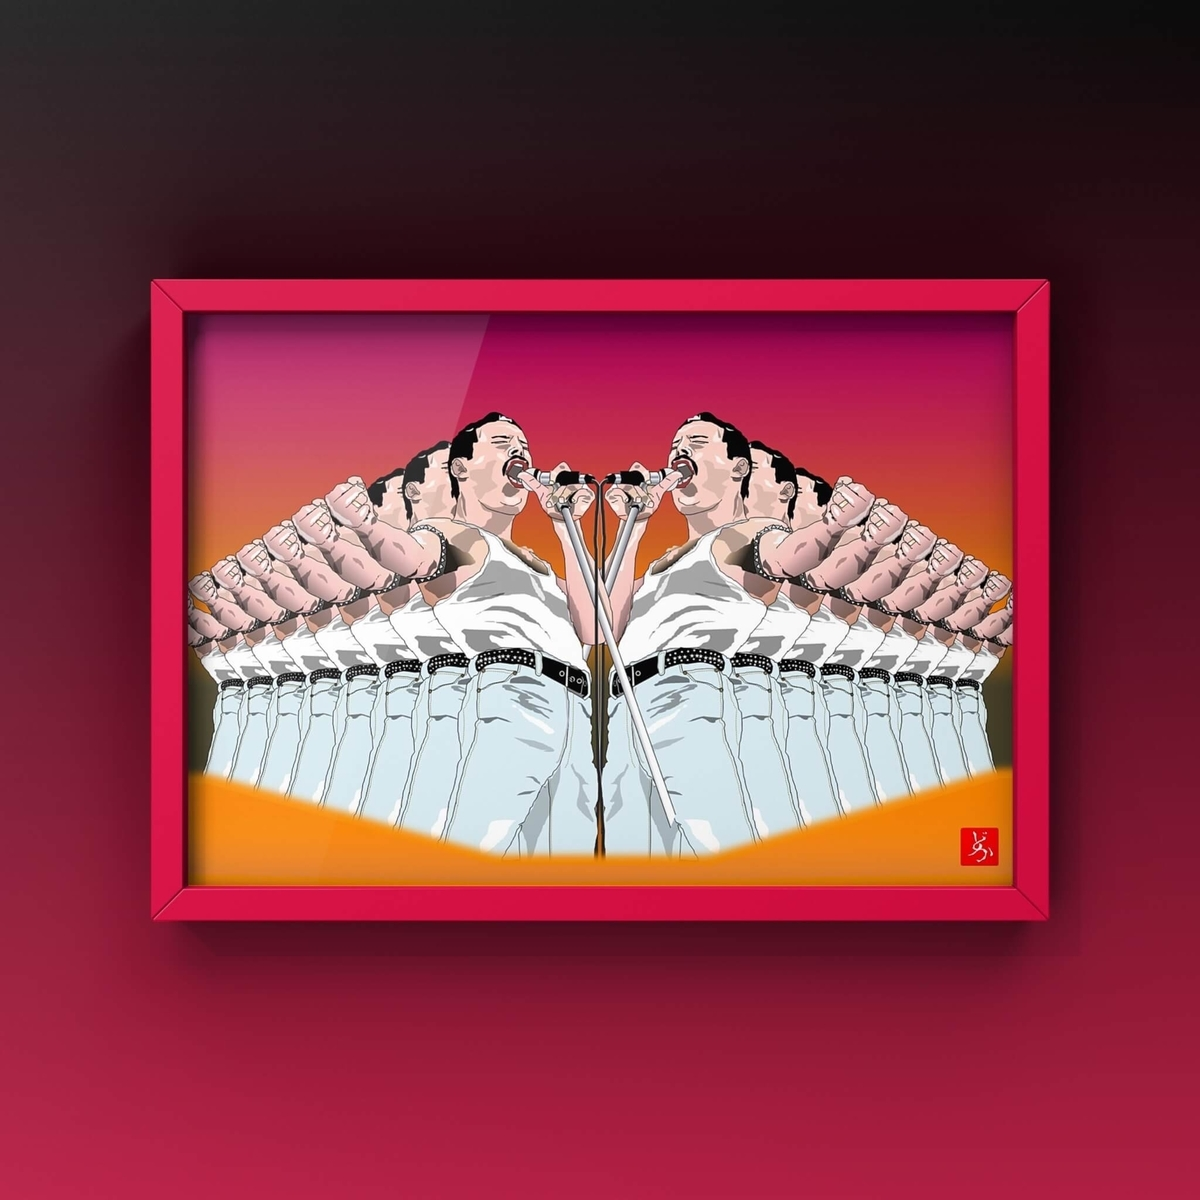 ライブ・エイドのフレディ・マーキュリーのエクセル画イラストバリエーション篇キャプチャ額装版